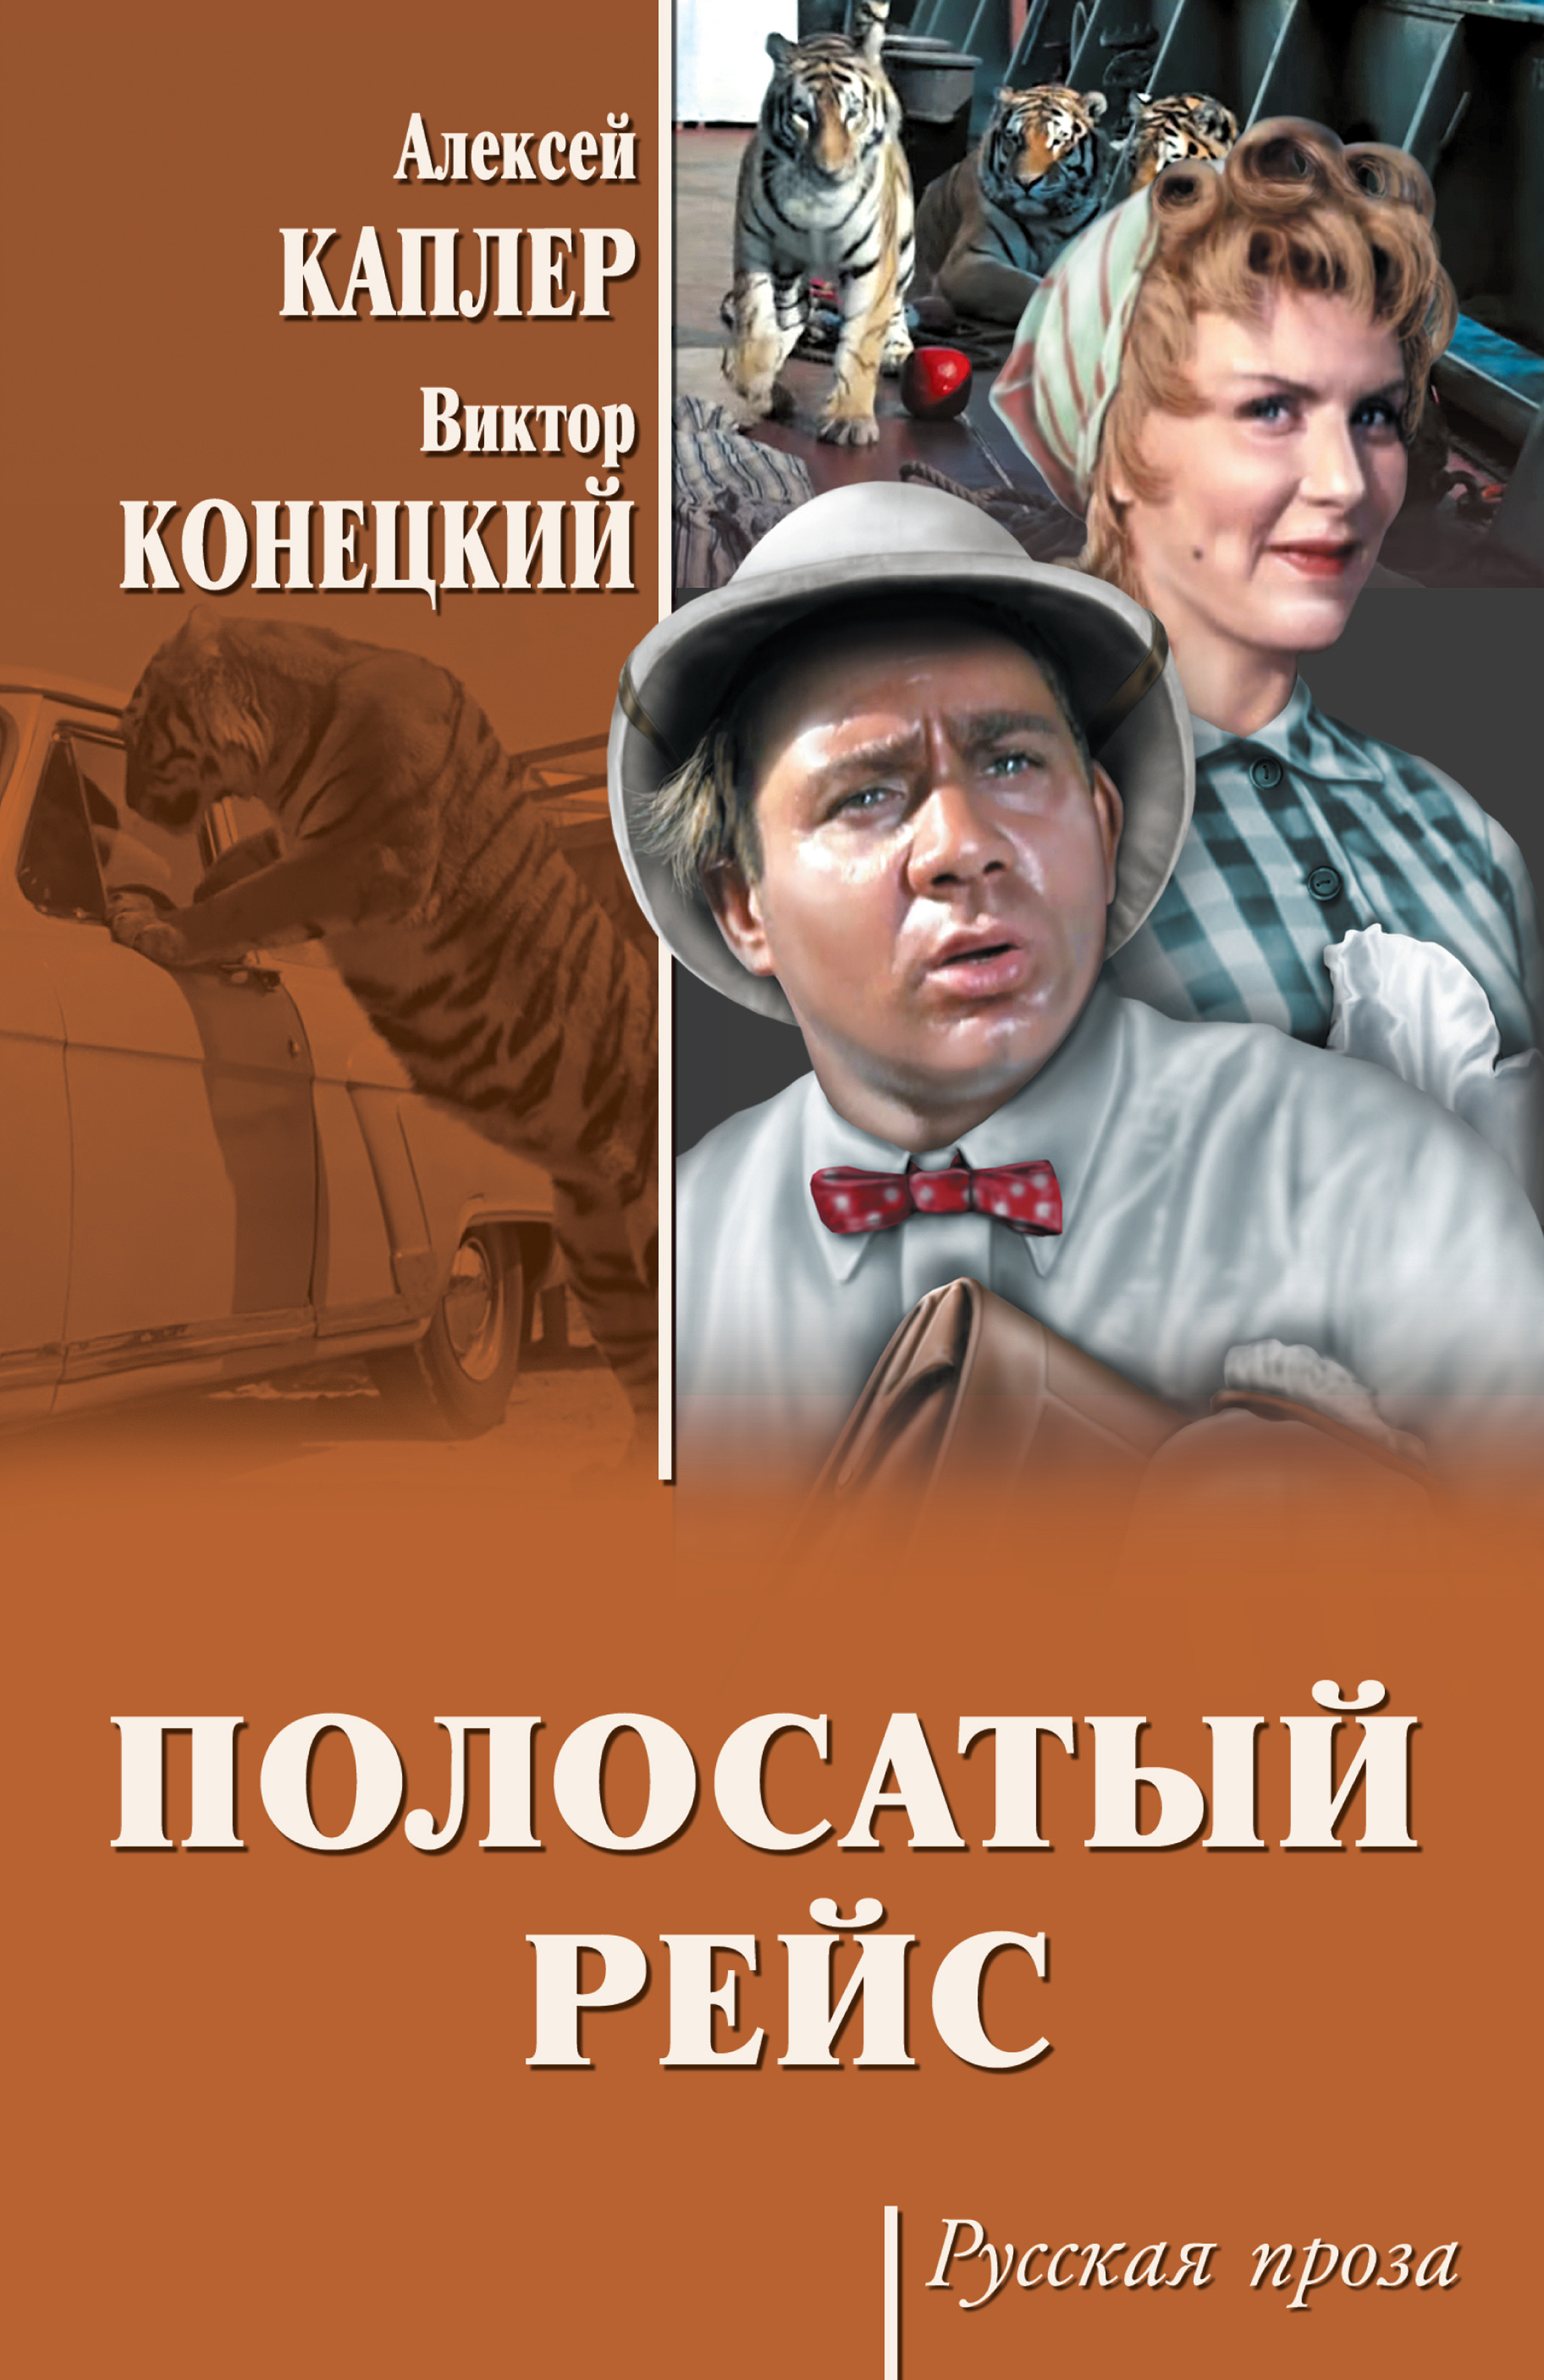 Виктор Конецкий Полосатый рейс (сборник) полосатый рейс